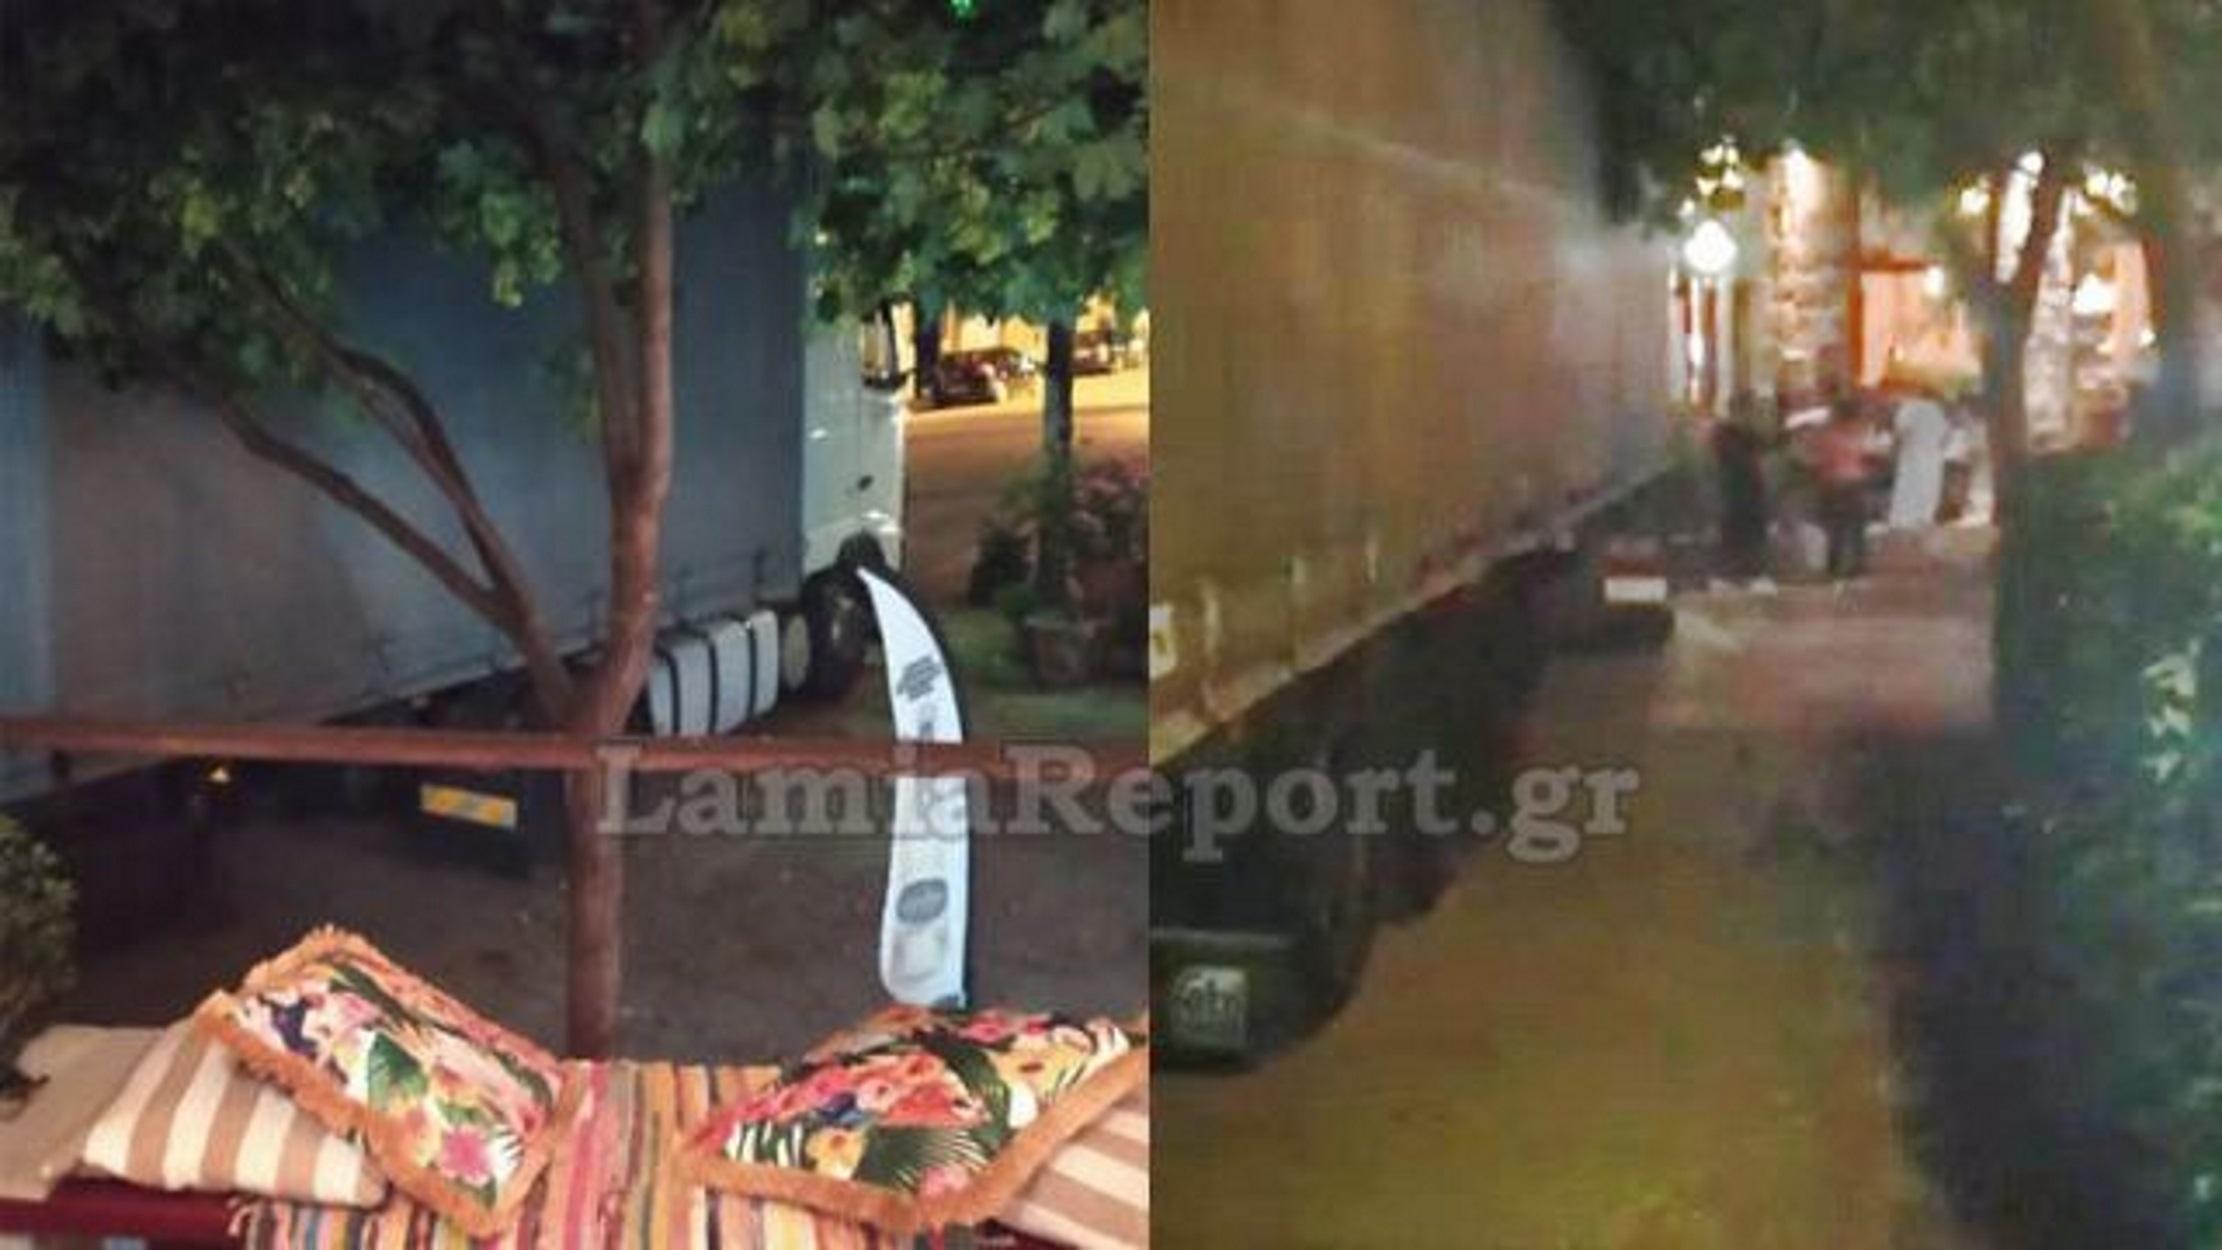 """Αμφίκλεια: Μεθυσμένος νταλικέρης σκόρπισε τον πανικό – """"Ερχόταν πάνω στον κόσμο…"""" (pics)"""